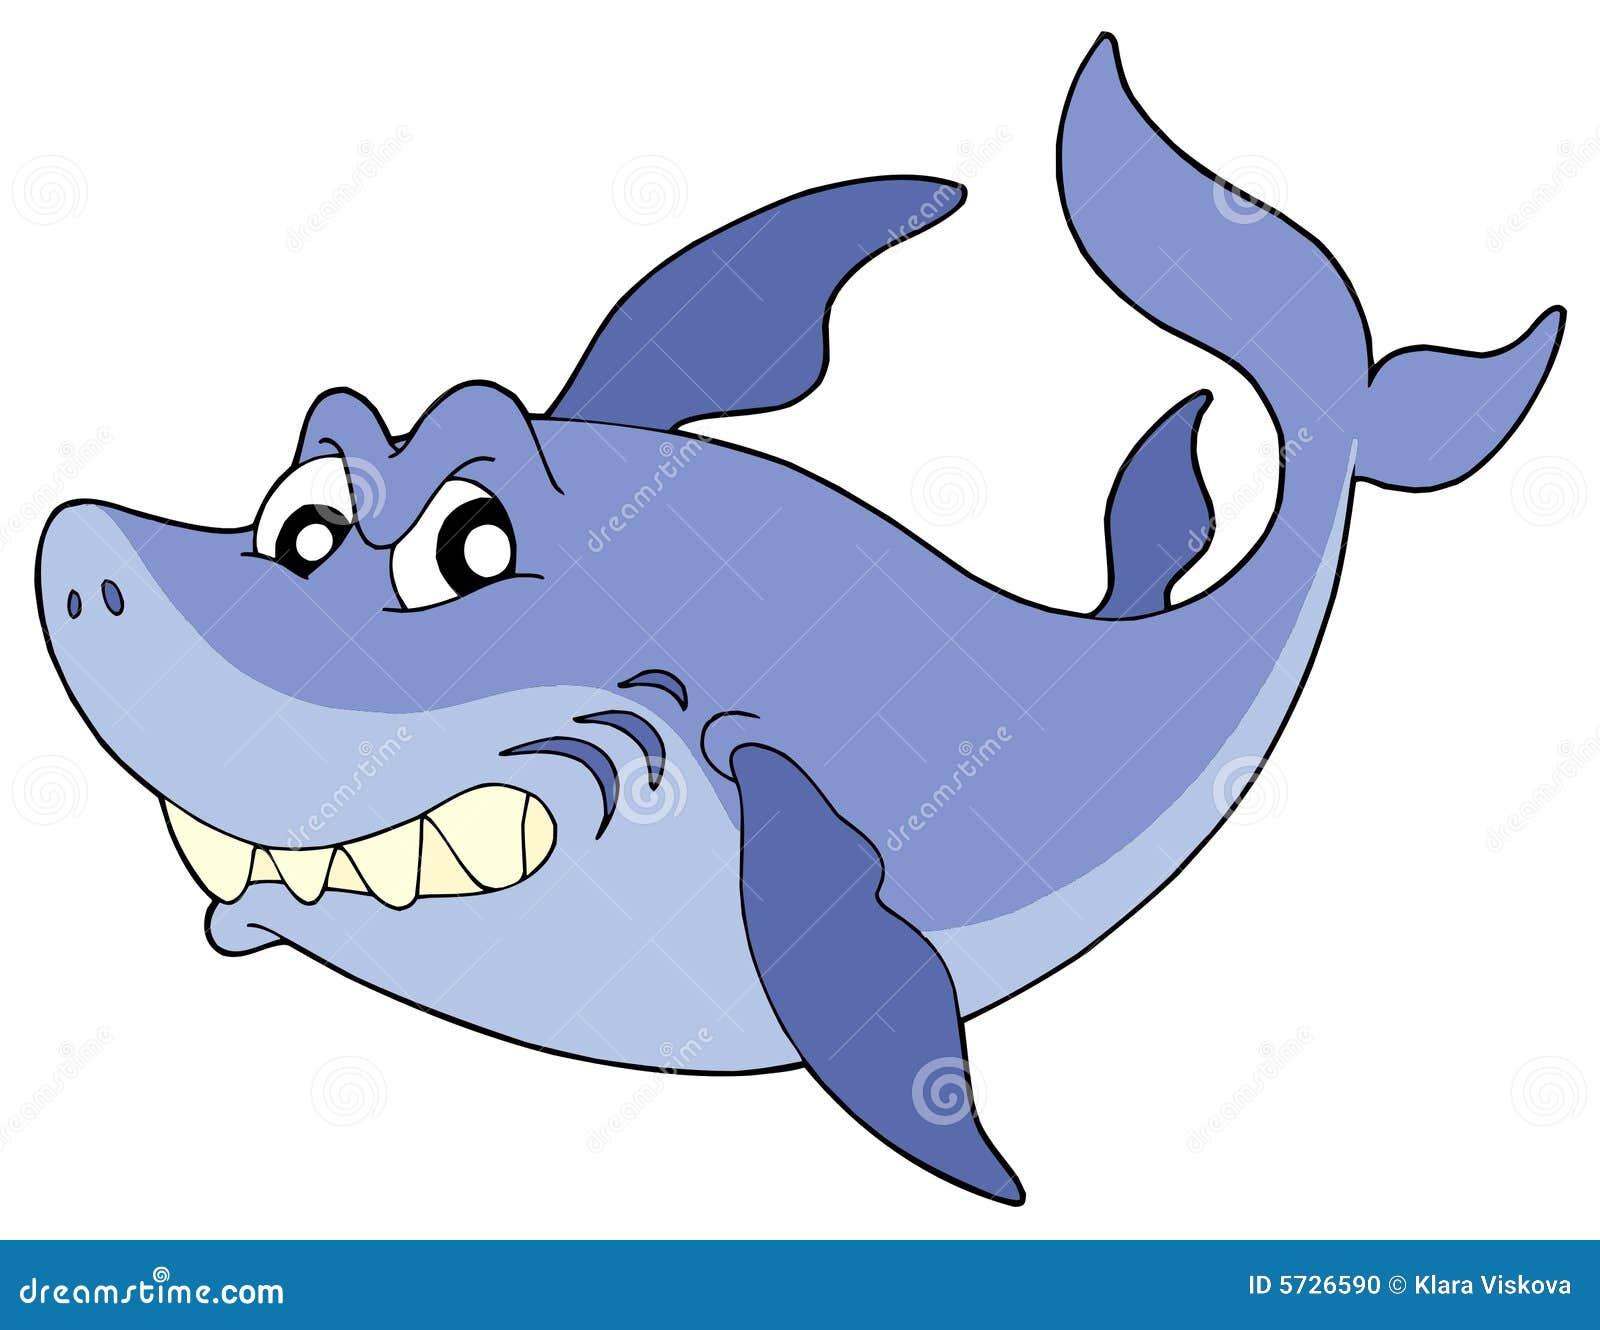 Cute Smiling Shark Vector Illustration Stock Vector ...